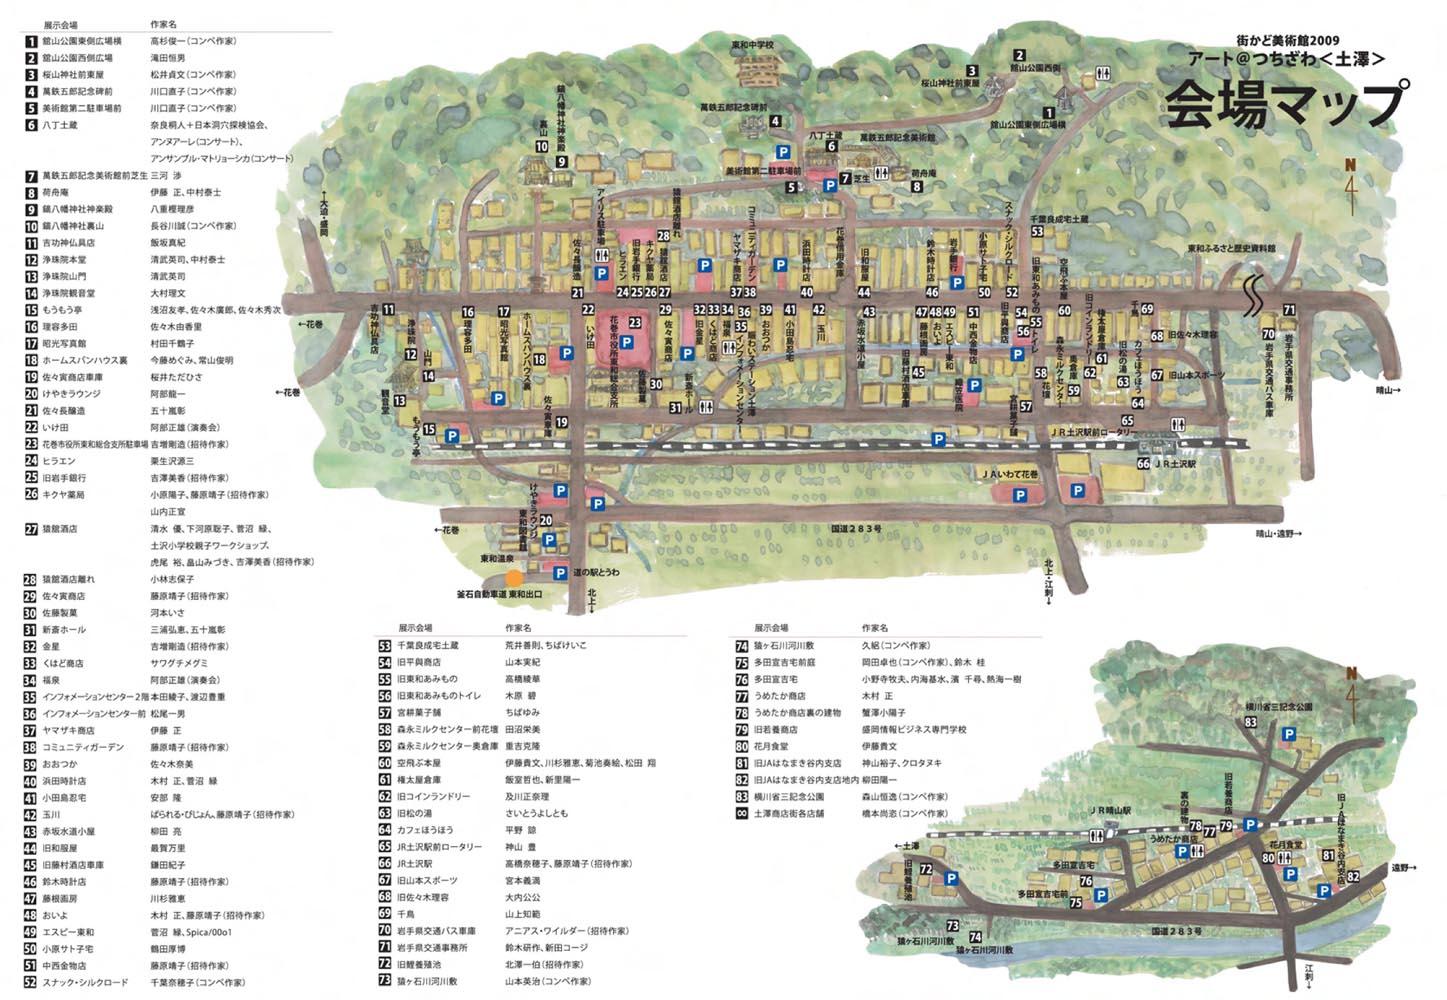 HP用mapのコピー.jpg